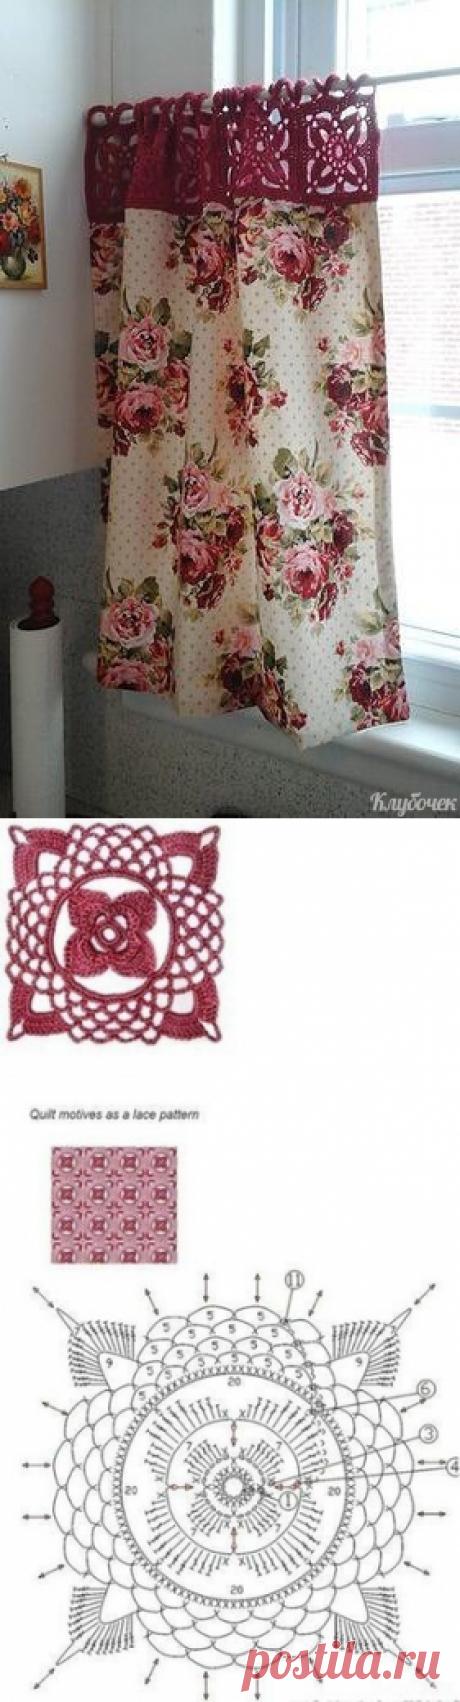 Милая идея для домашнего декора из категории Интересные идеи – Вязаные идеи, идеи для вязания